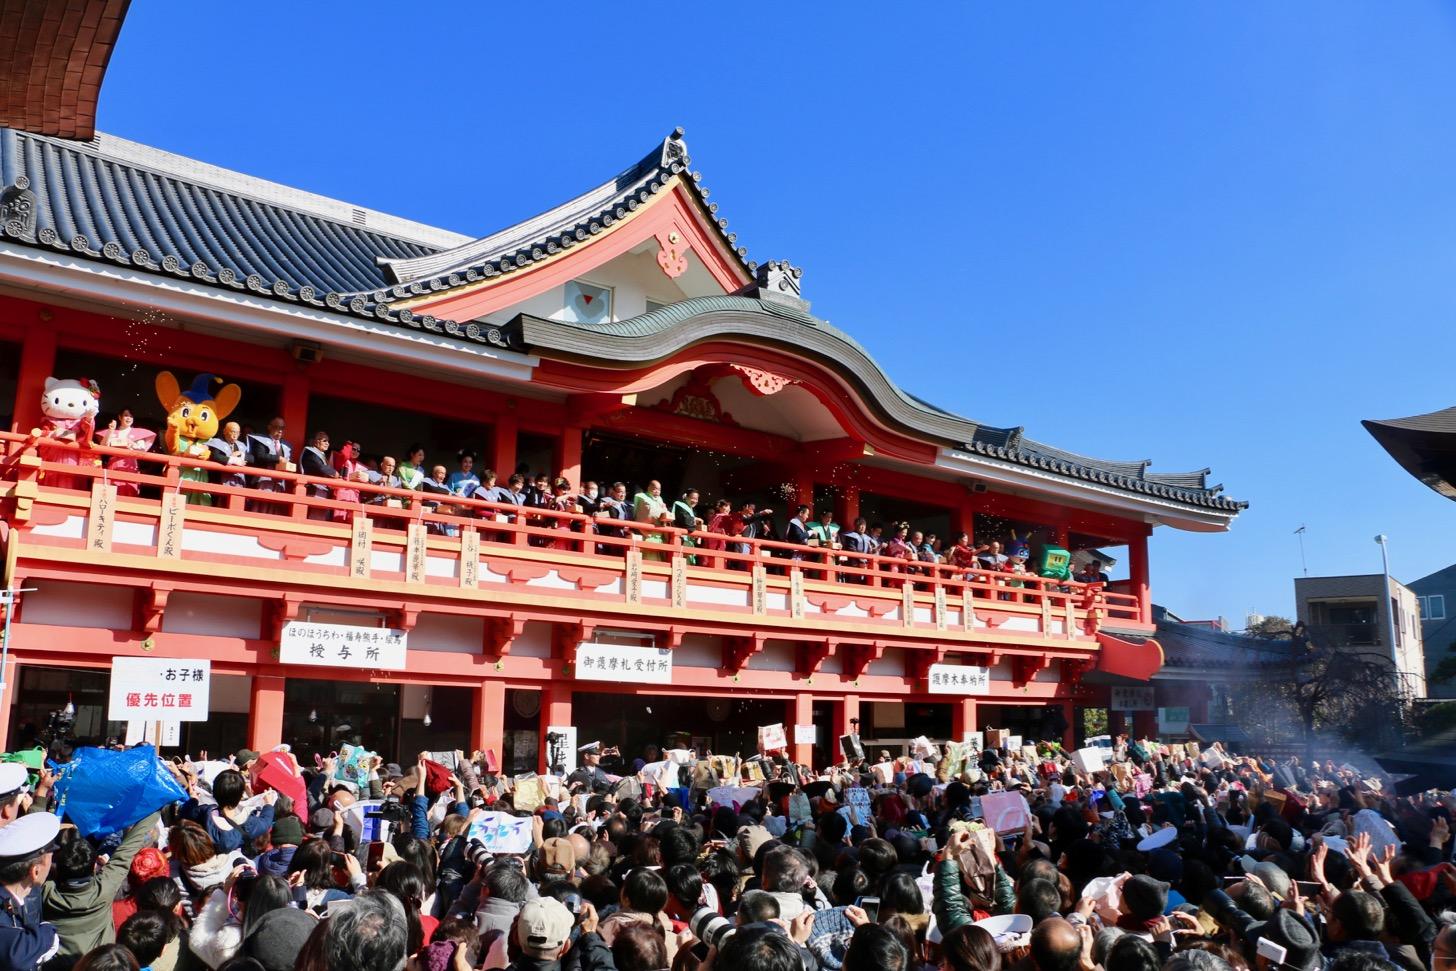 高幡不動尊で「初不動」「だるま市」「節分」が開催!ハローキティやタレントが豆まき式